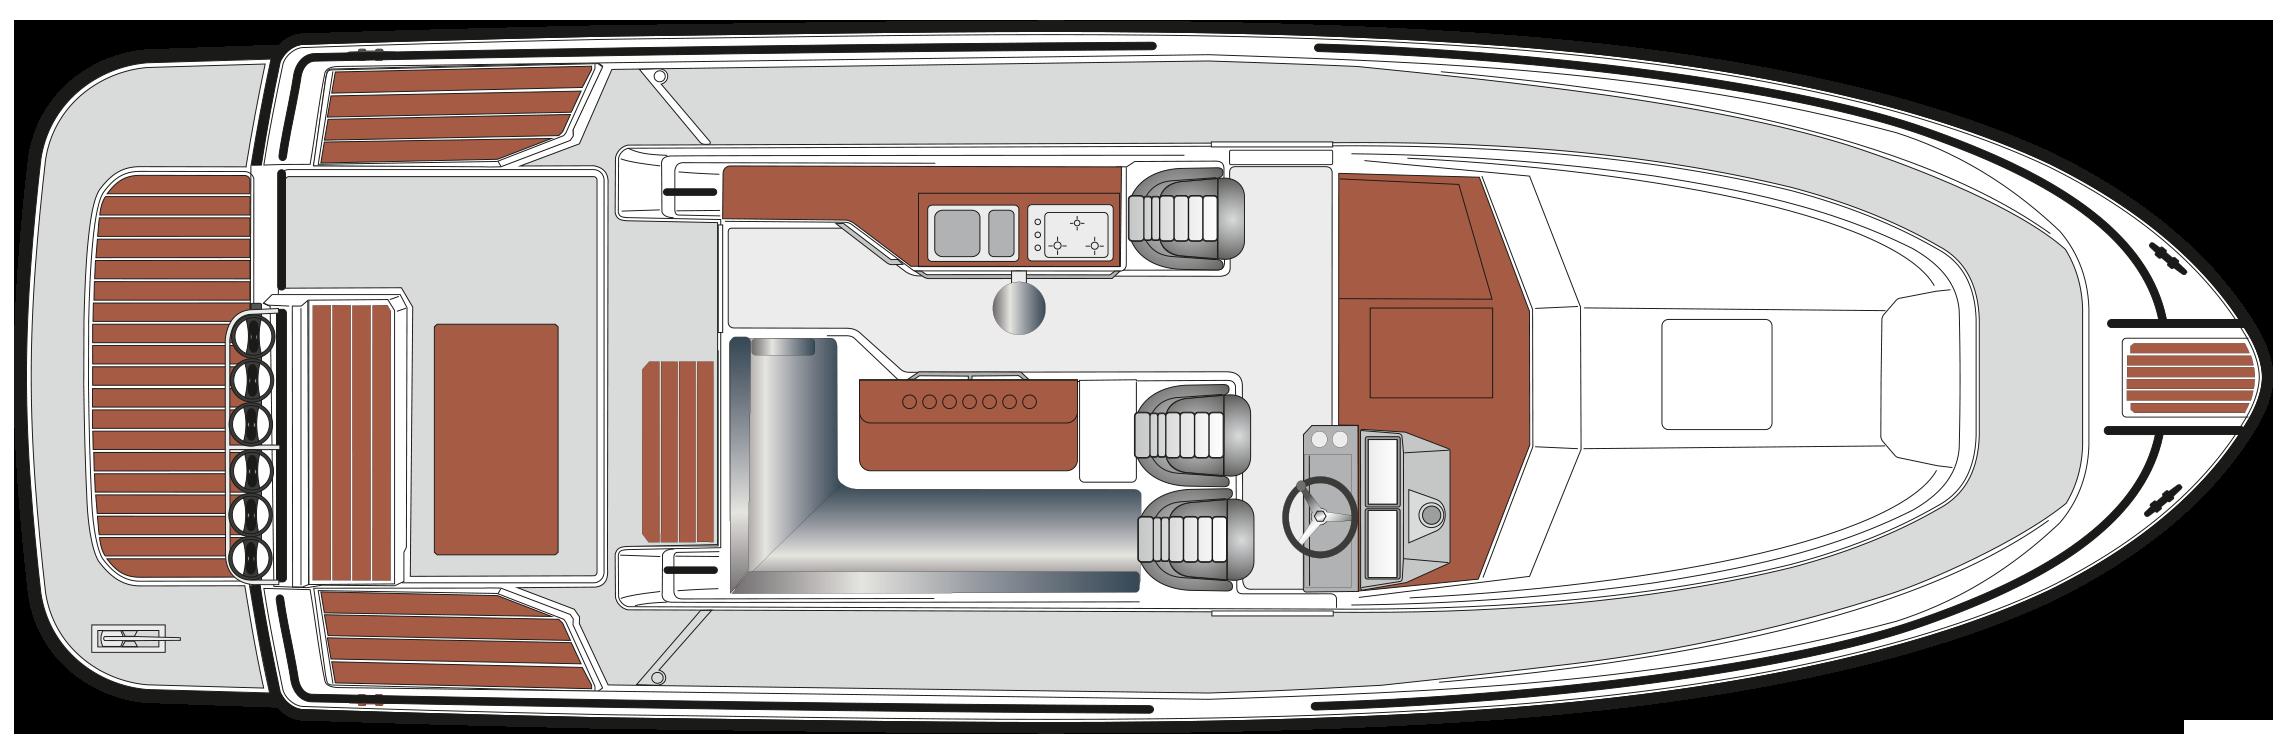 SARGO 36 B upper deck 2021